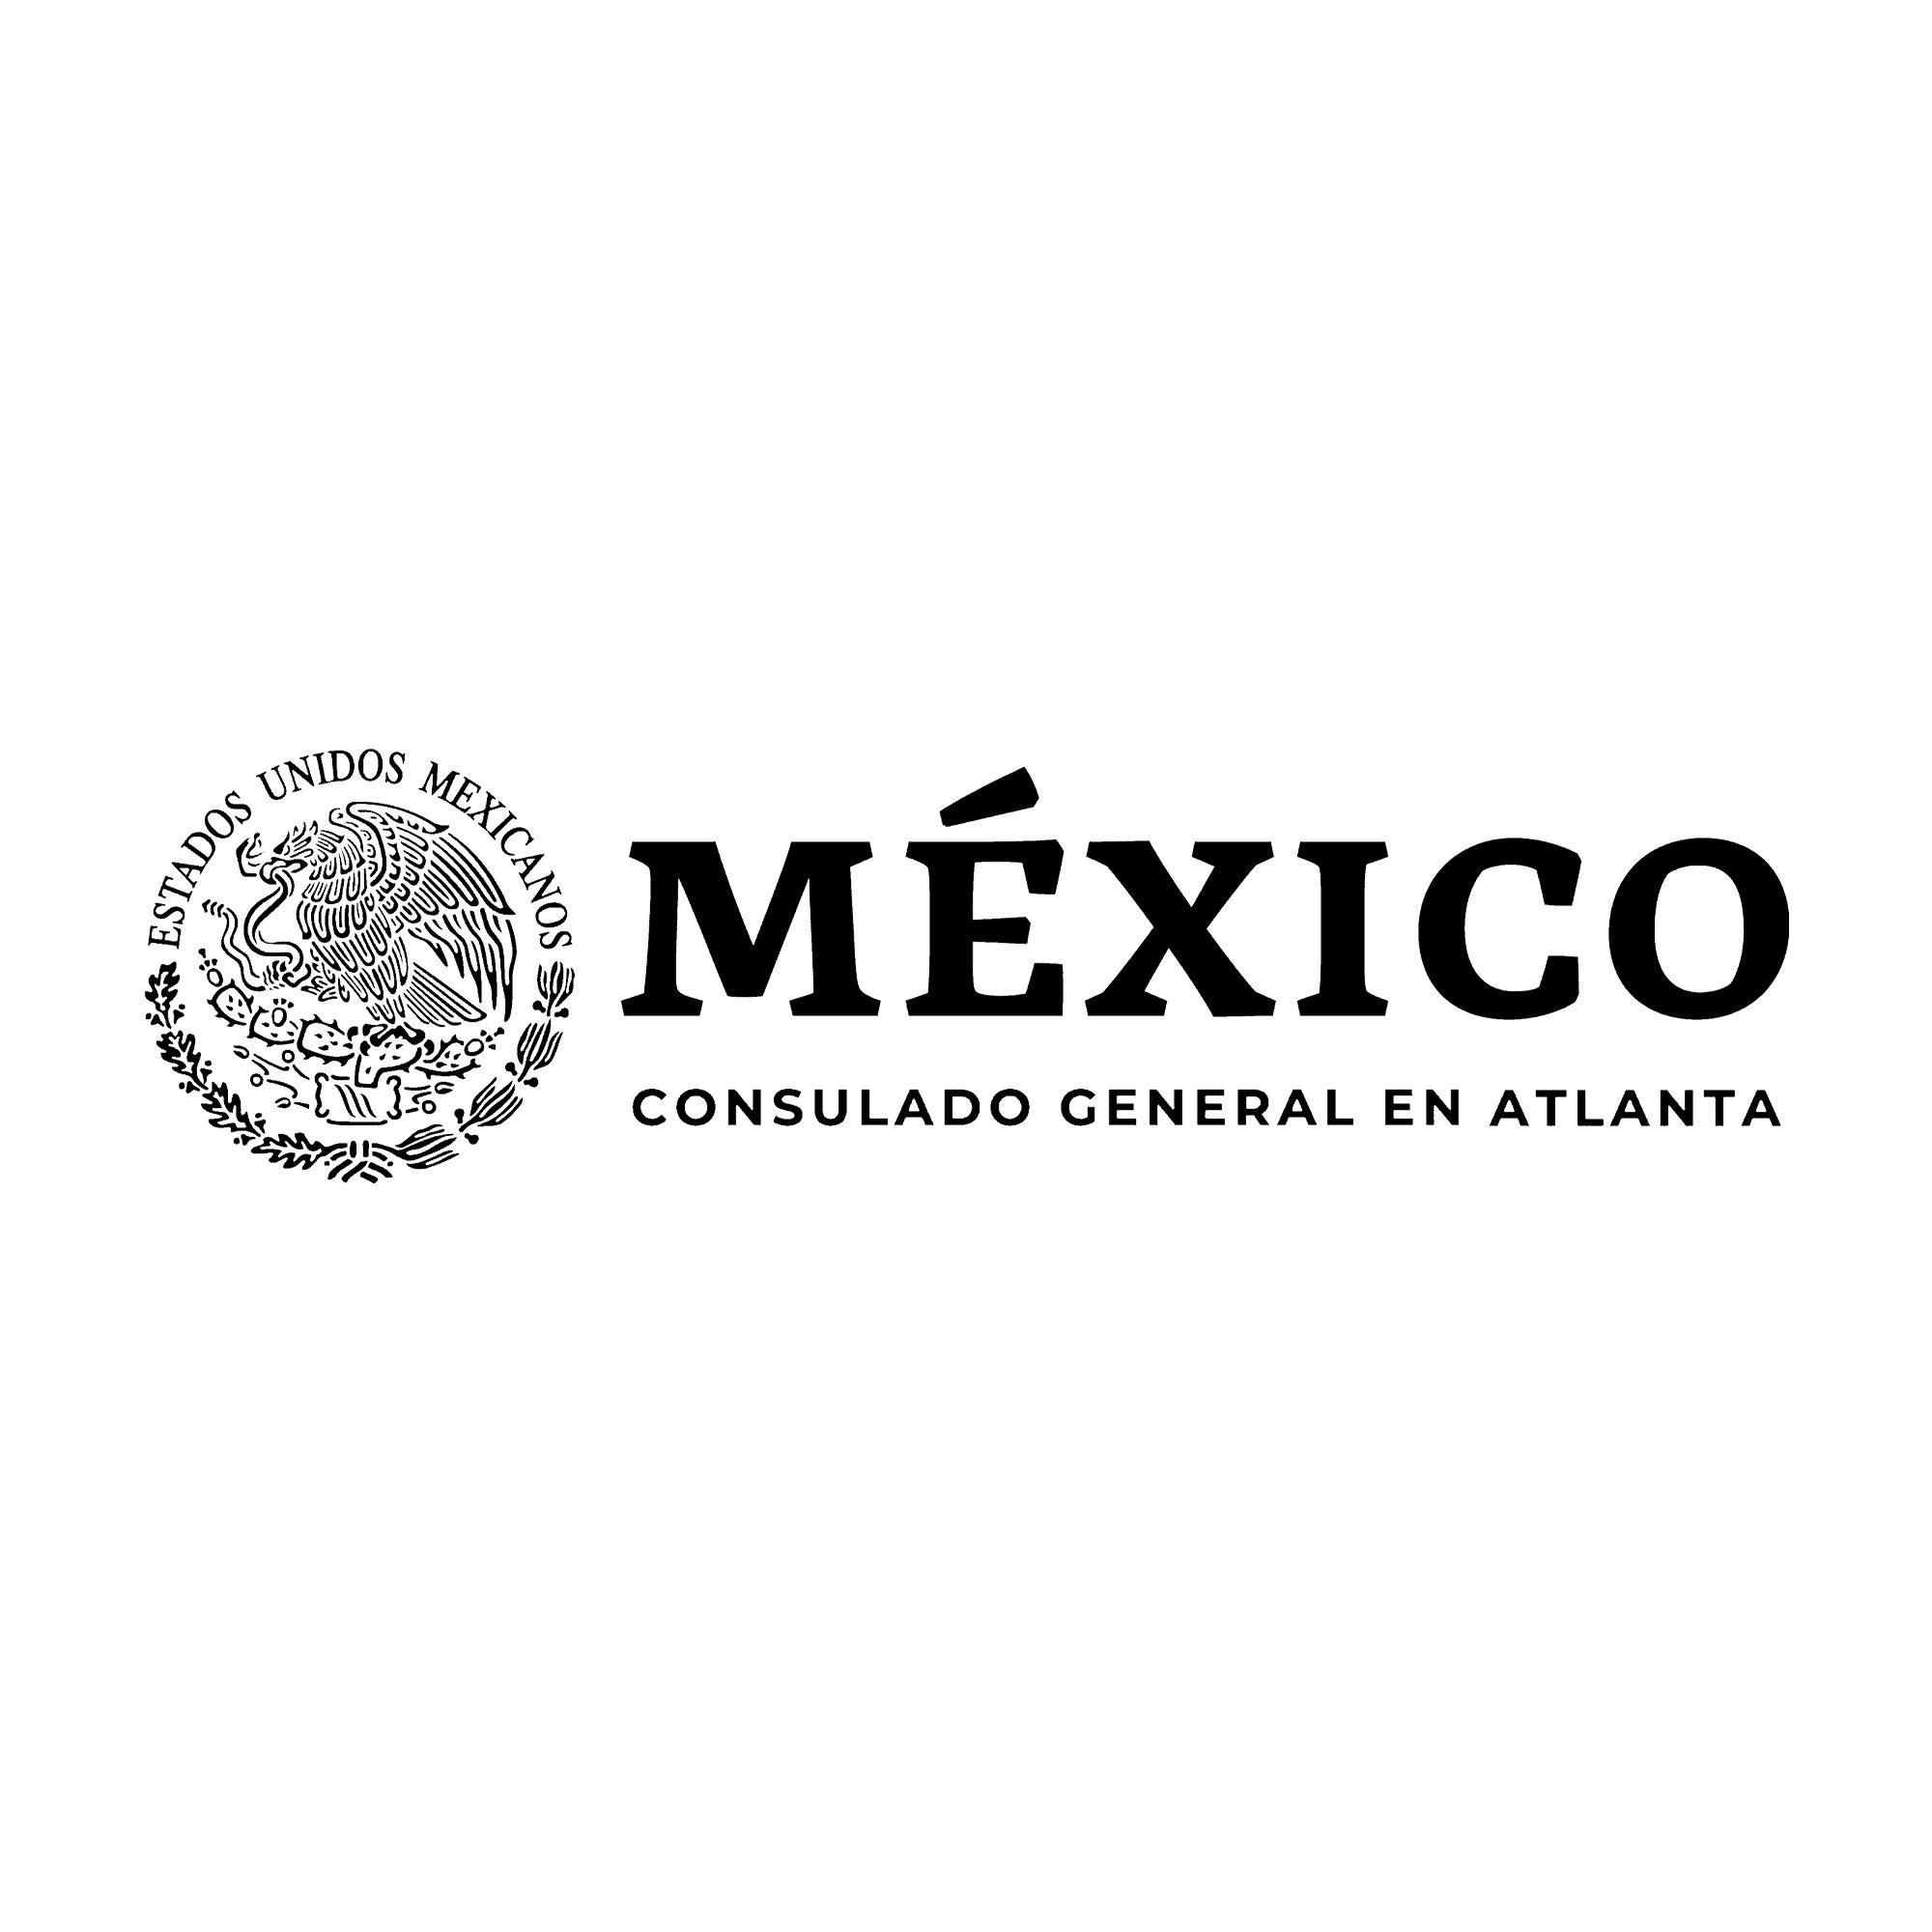 Consulate of Mexico Logo